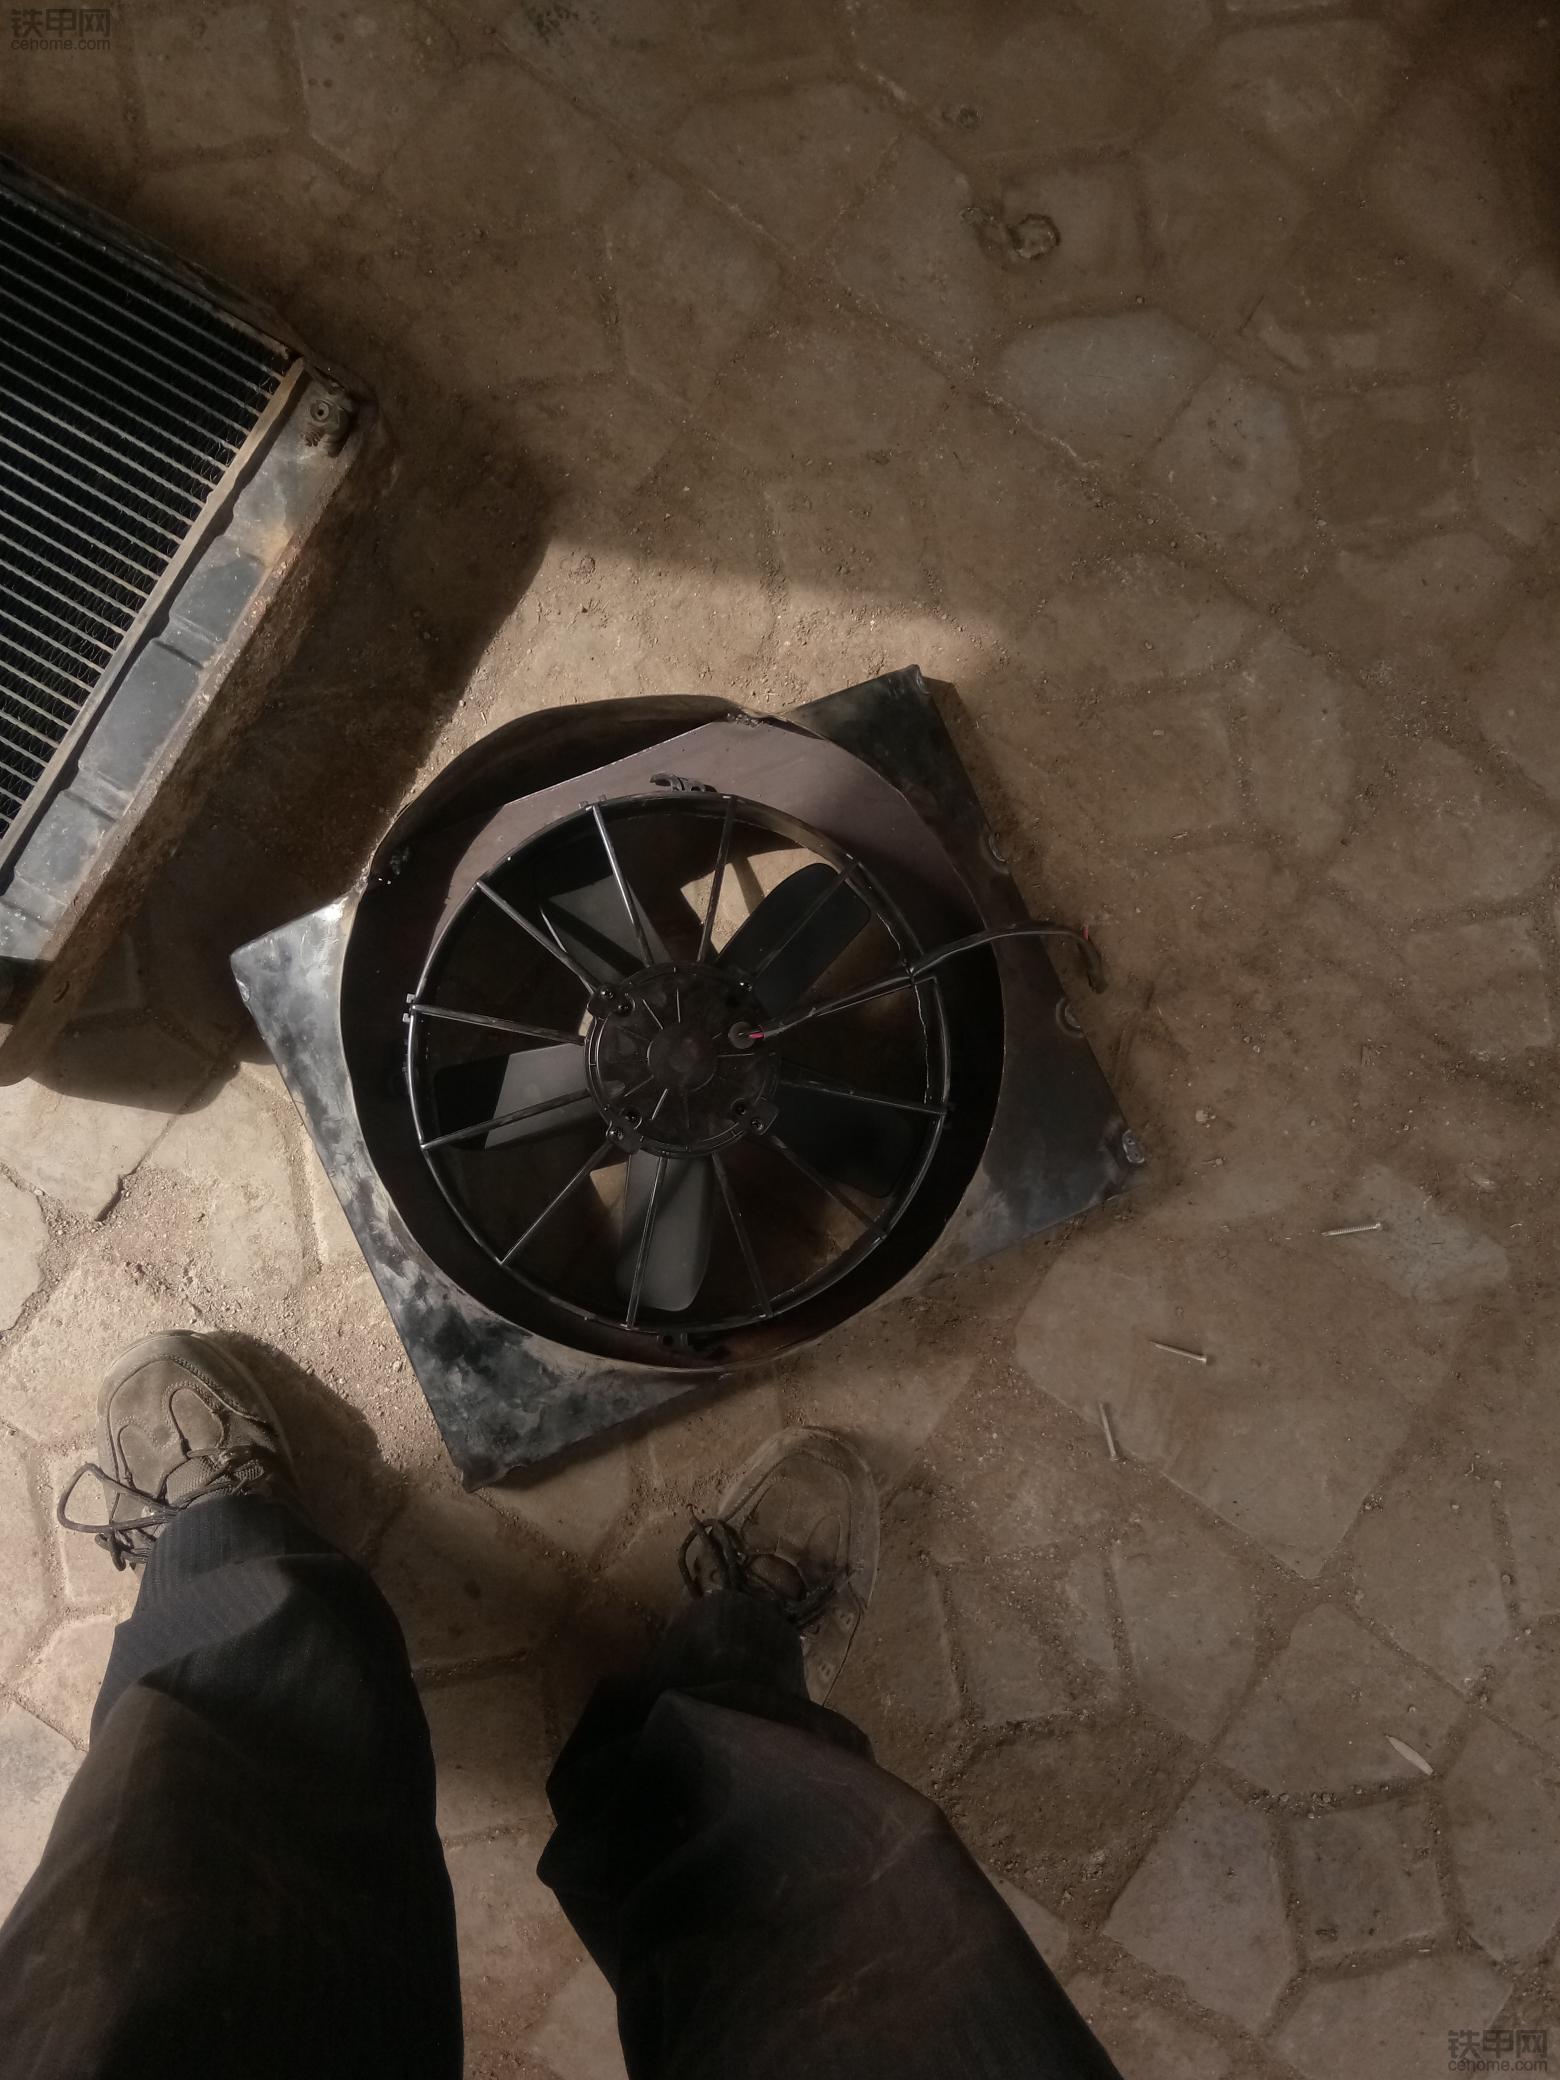 现在就高温,没办法,加个副水箱吧!难看、实惠就行。